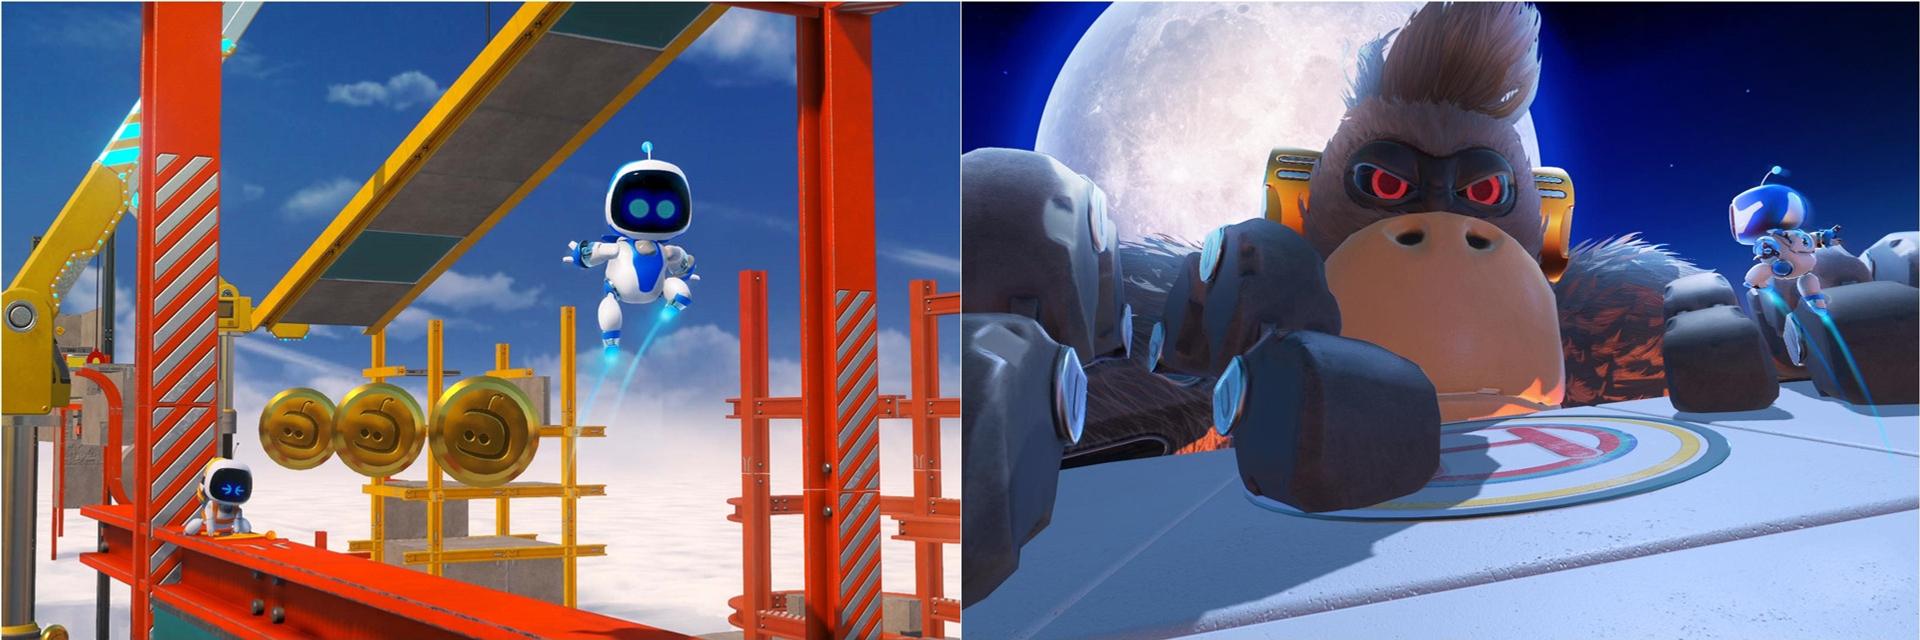 【講 GAME 話】PSVR 神作無誤!《太空機器人:救援任務》吃金幣打魔王 冒險闖關超刺激!